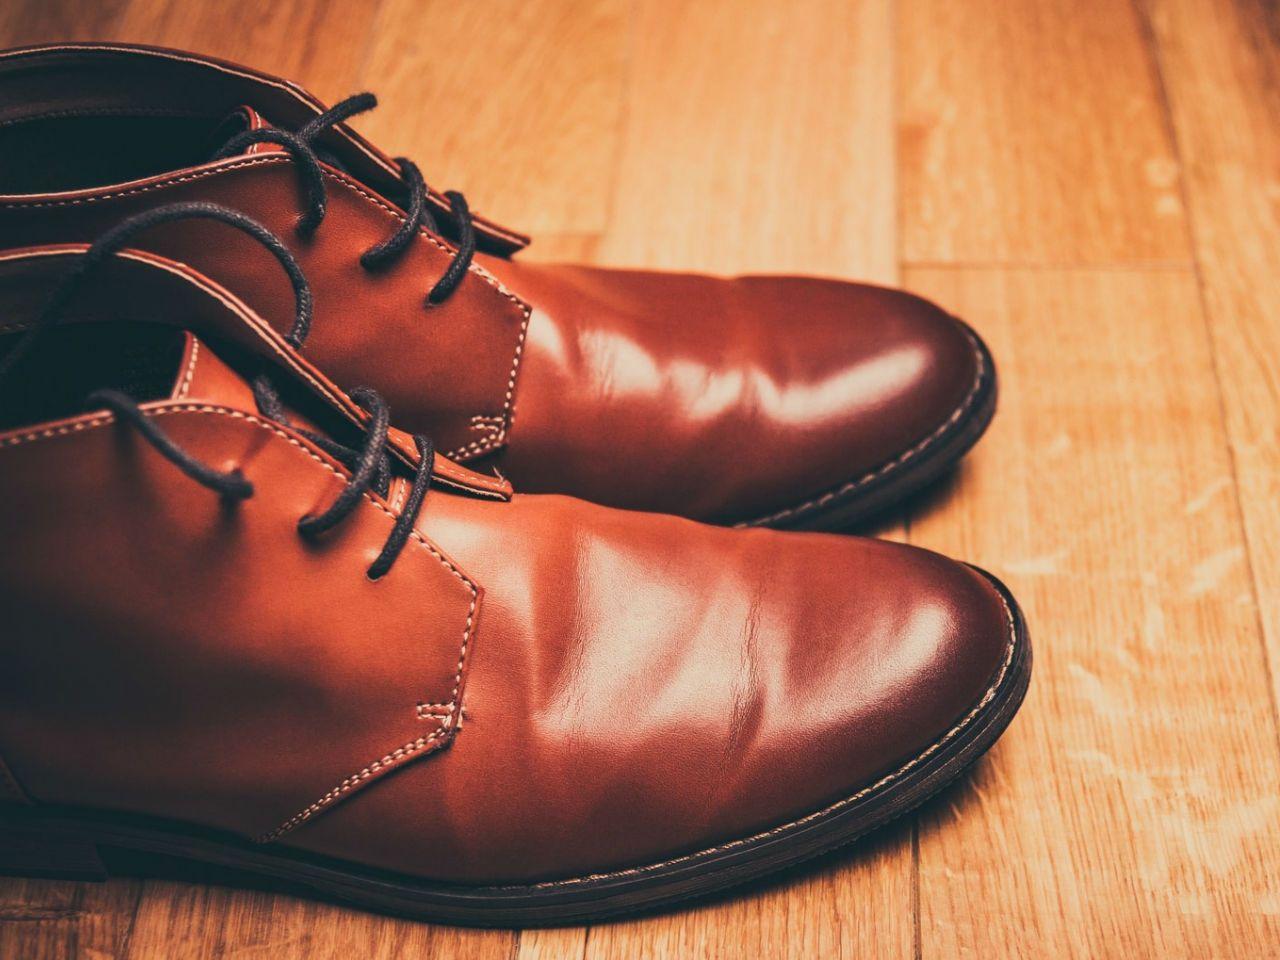 Jak Czyscic Skorzane Buty By Wygladaly Jak Nowe Blog Jego Styl Pl